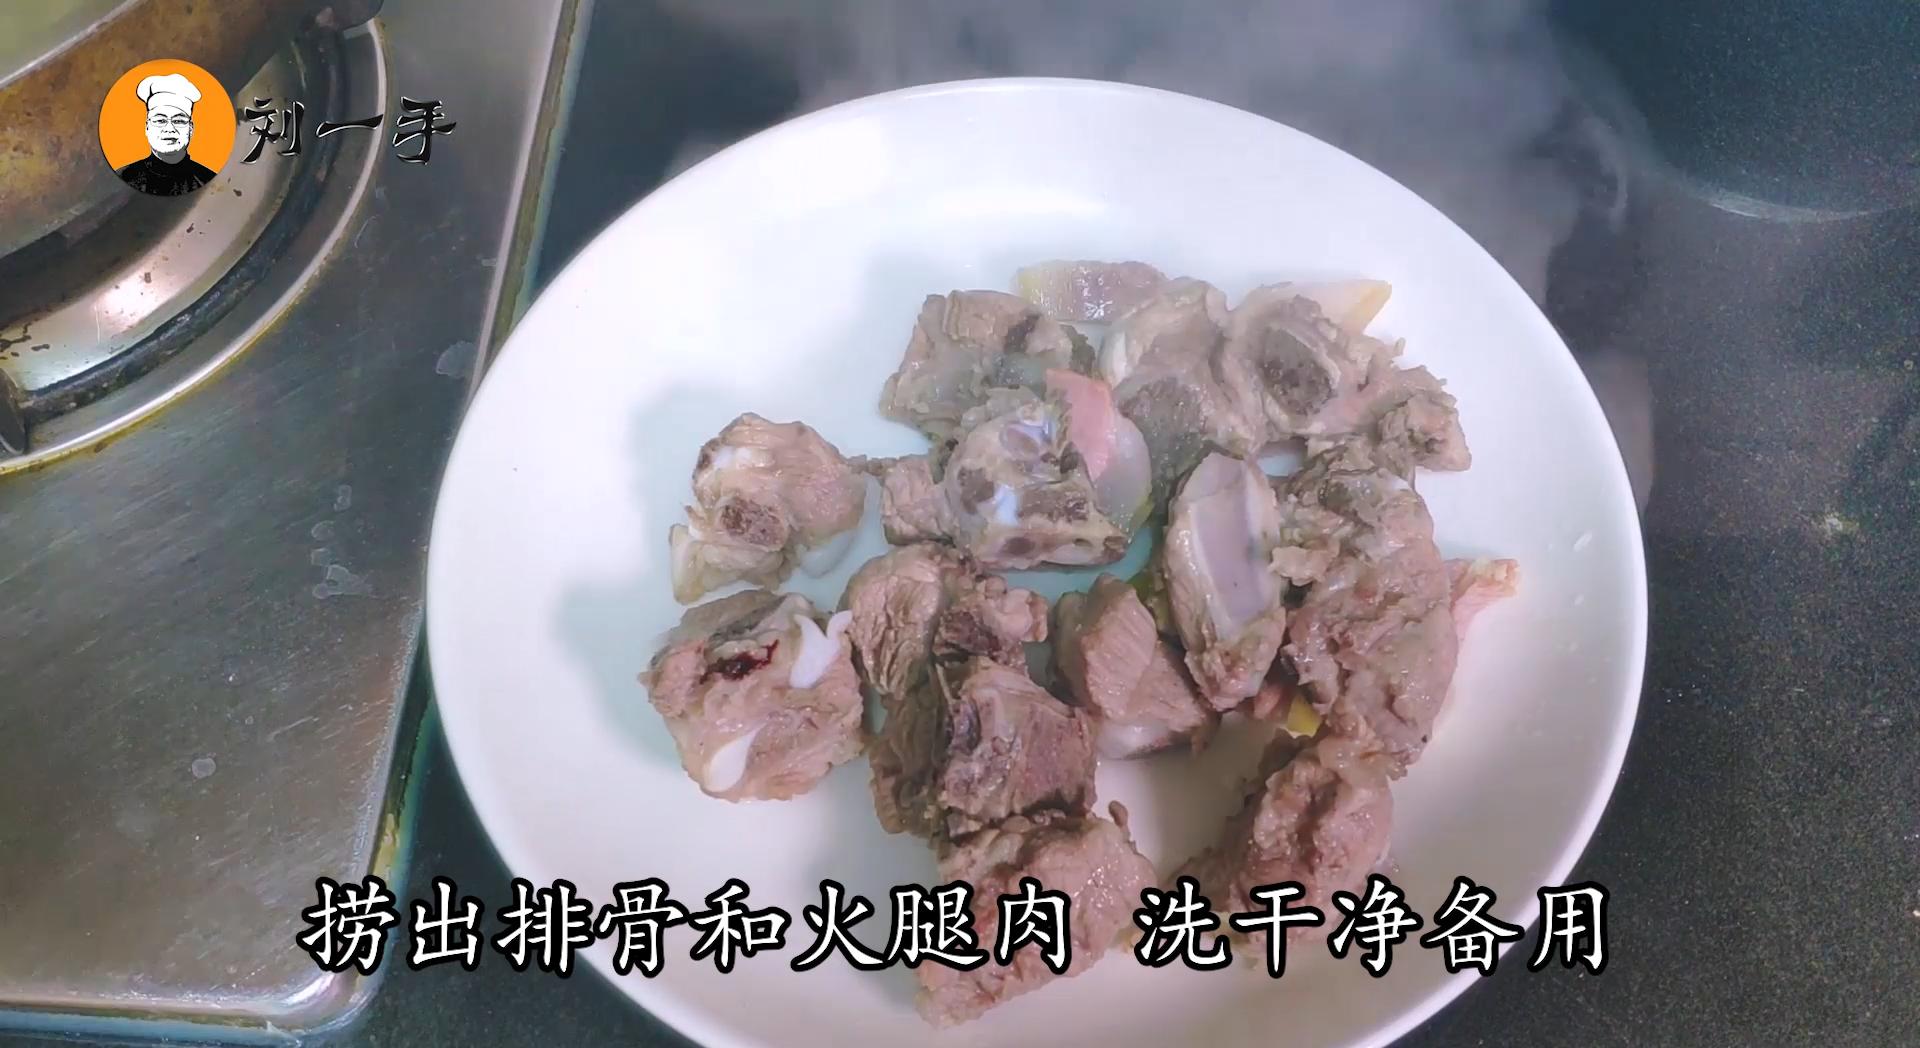 """上海特色菜""""腌笃鲜""""的正确做法,咸香鲜美 苏菜 第5张"""